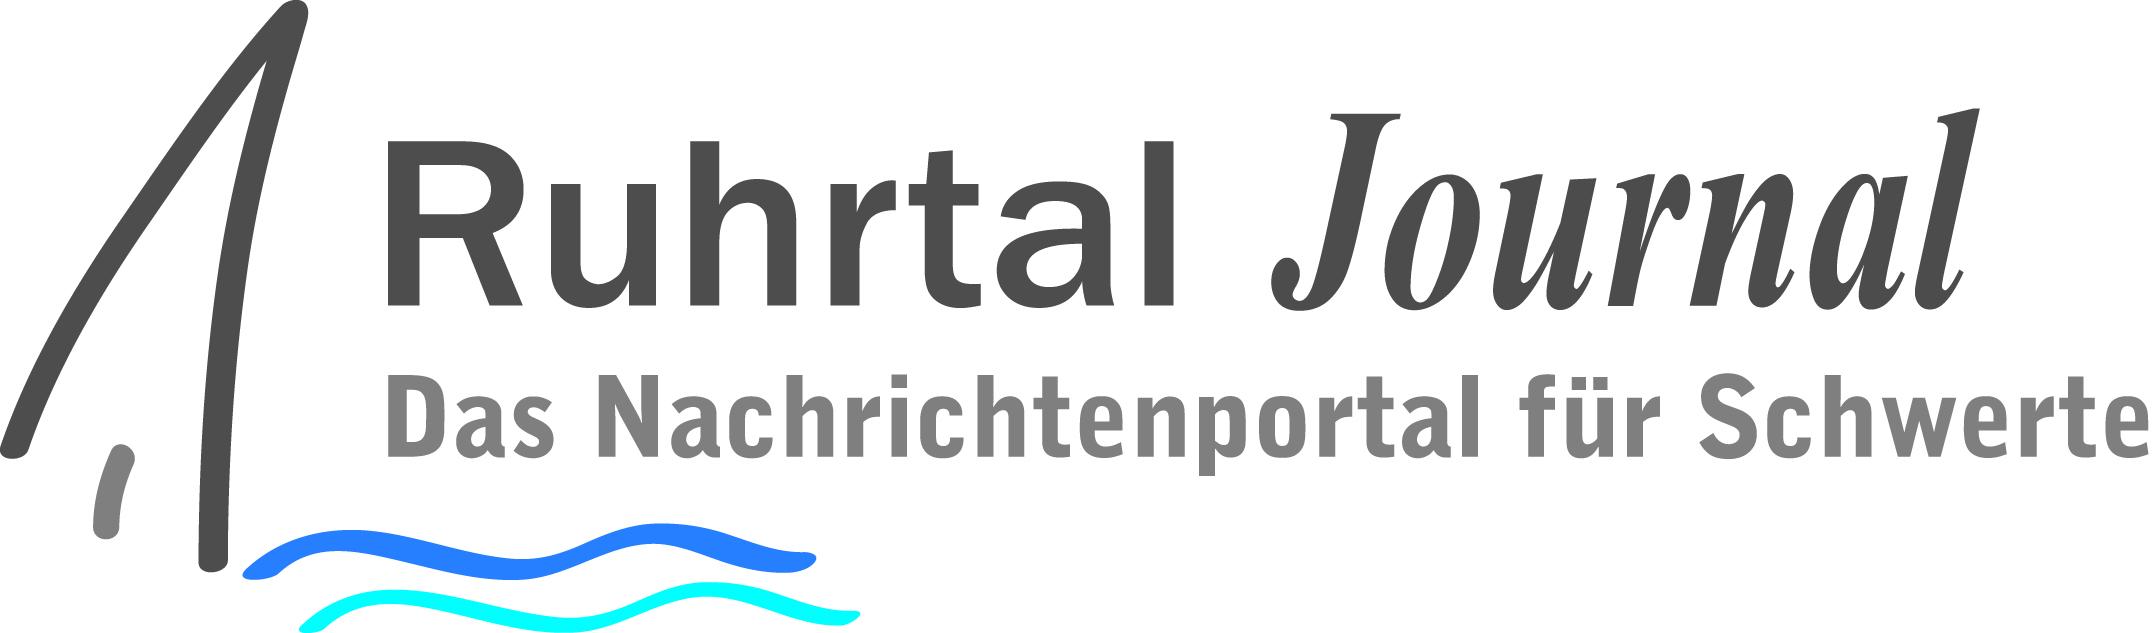 Ruhrtal Journal- Das Nachrichtenportal für Schwerte